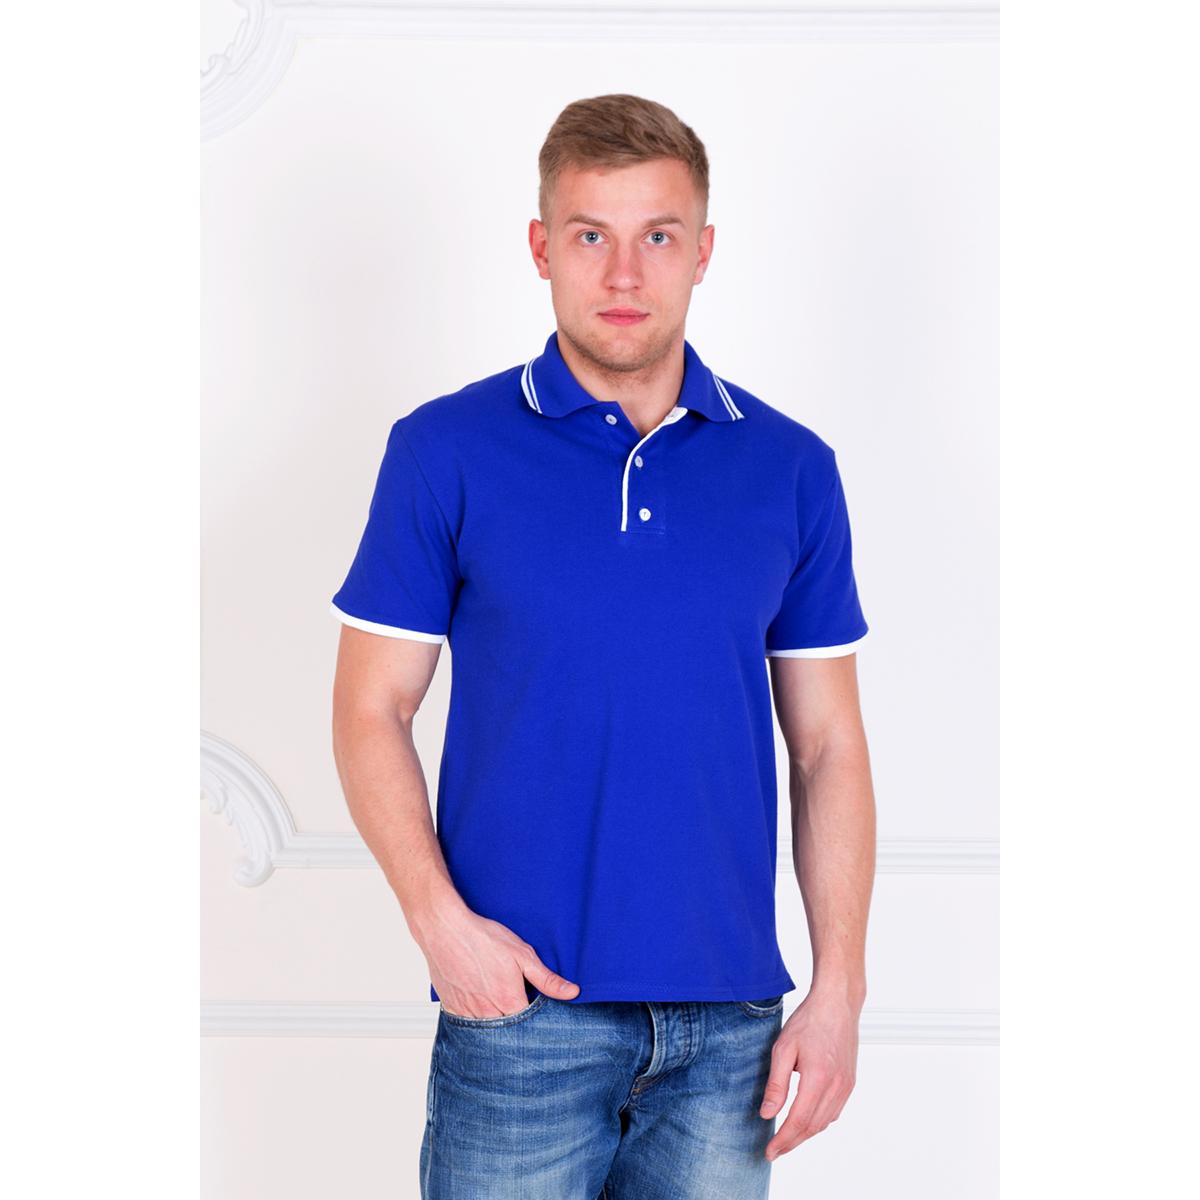 Мужская футболка-поло Эрик Голубой, размер 48Майки и футболки<br>Обхват груди: 96 см <br>Обхват талии: 88 см <br>Обхват бедер: 102 см <br>Рост: 172-180 см<br><br>Тип: Муж. футболка<br>Размер: 48<br>Материал: Пике